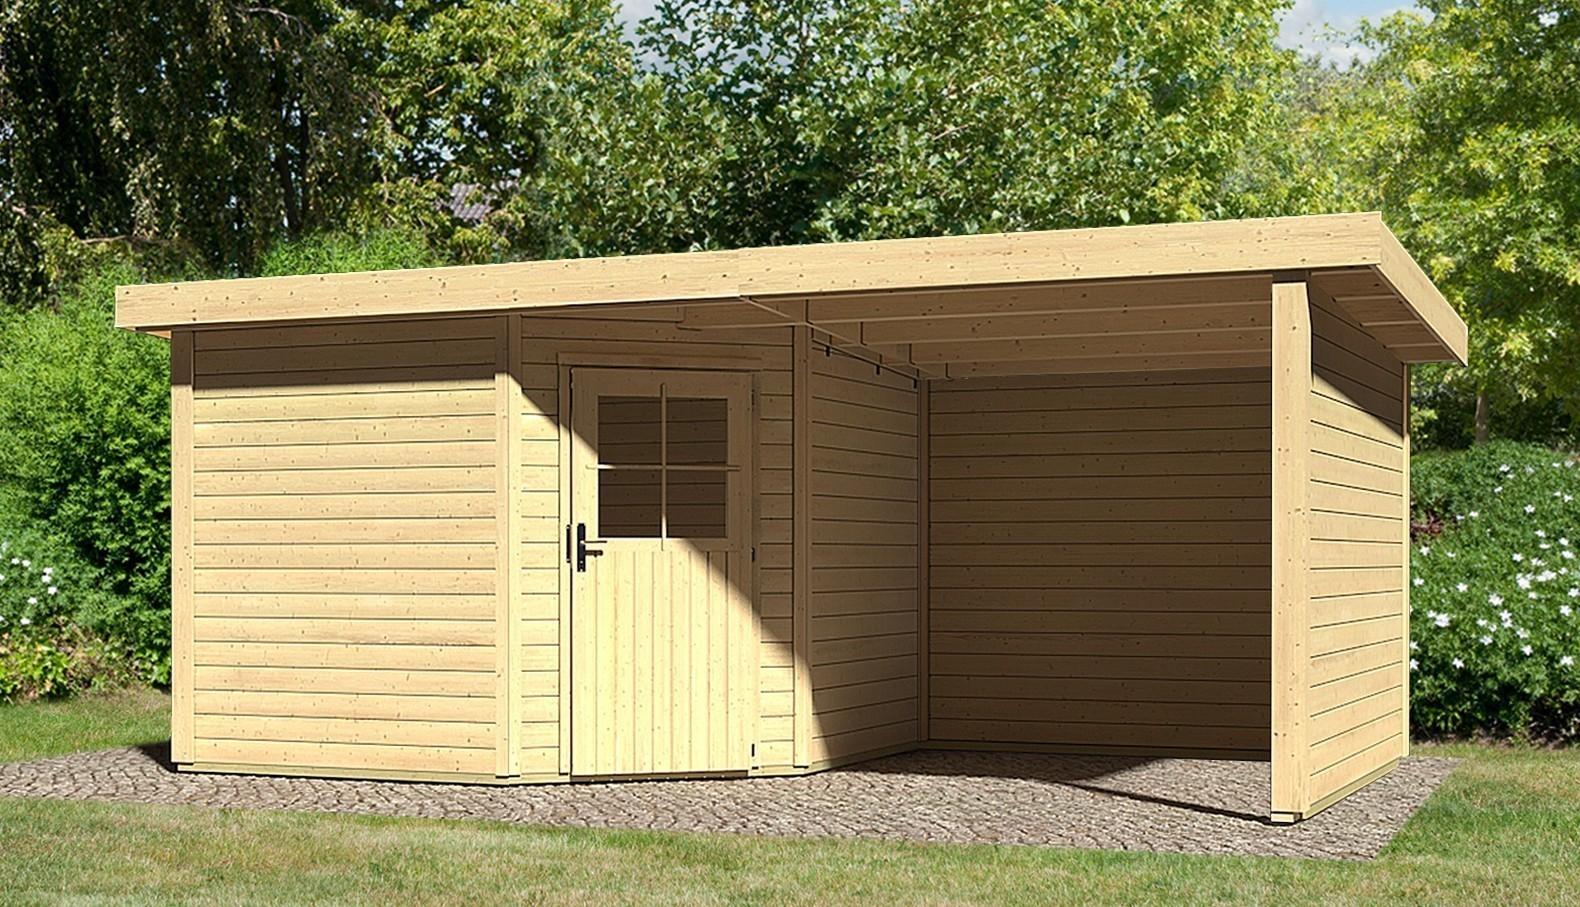 woodfeeling gartenhaus 28mm neuruppin 3 natur dachanbau 240cm wand bei. Black Bedroom Furniture Sets. Home Design Ideas